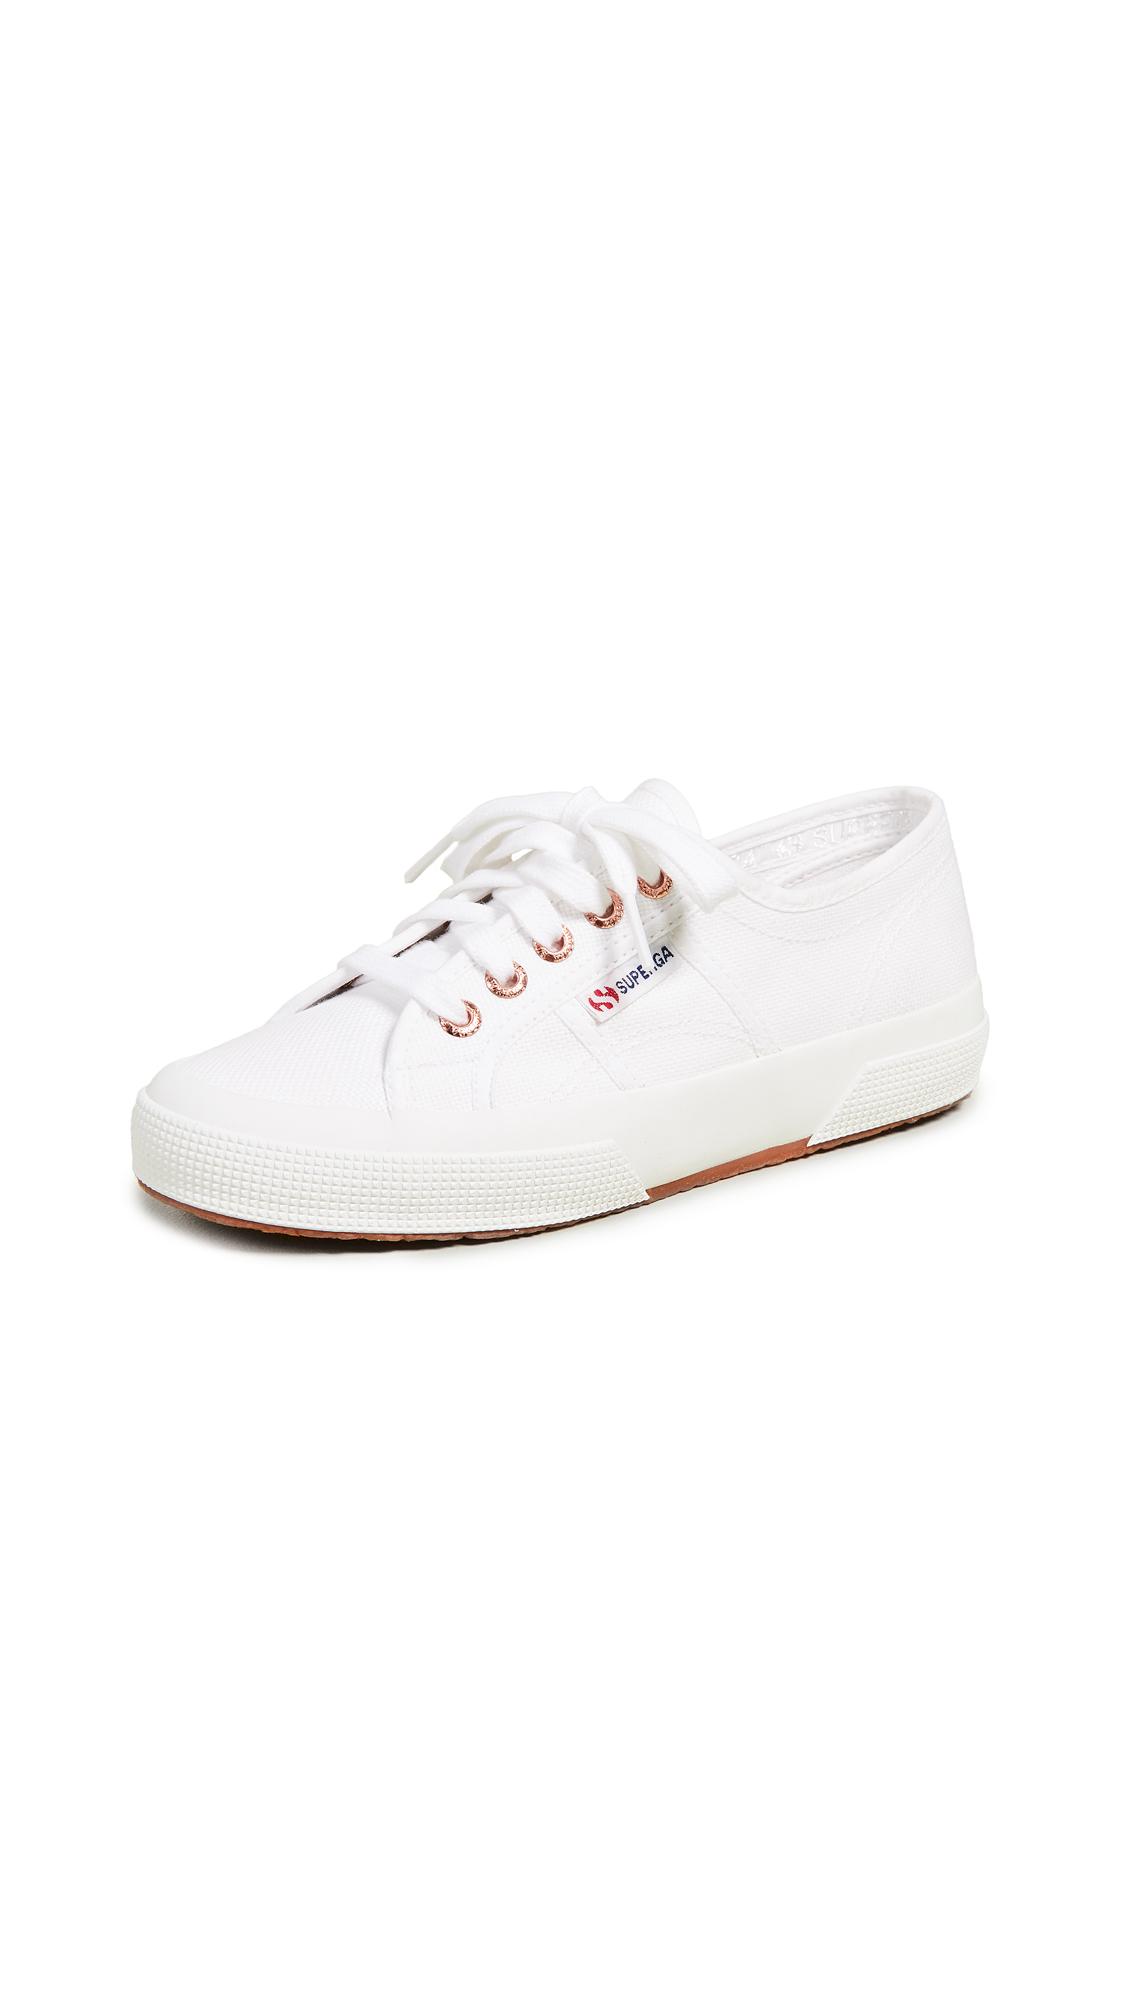 Superga 2750 Cotu Classic Sneakers - White/Rose